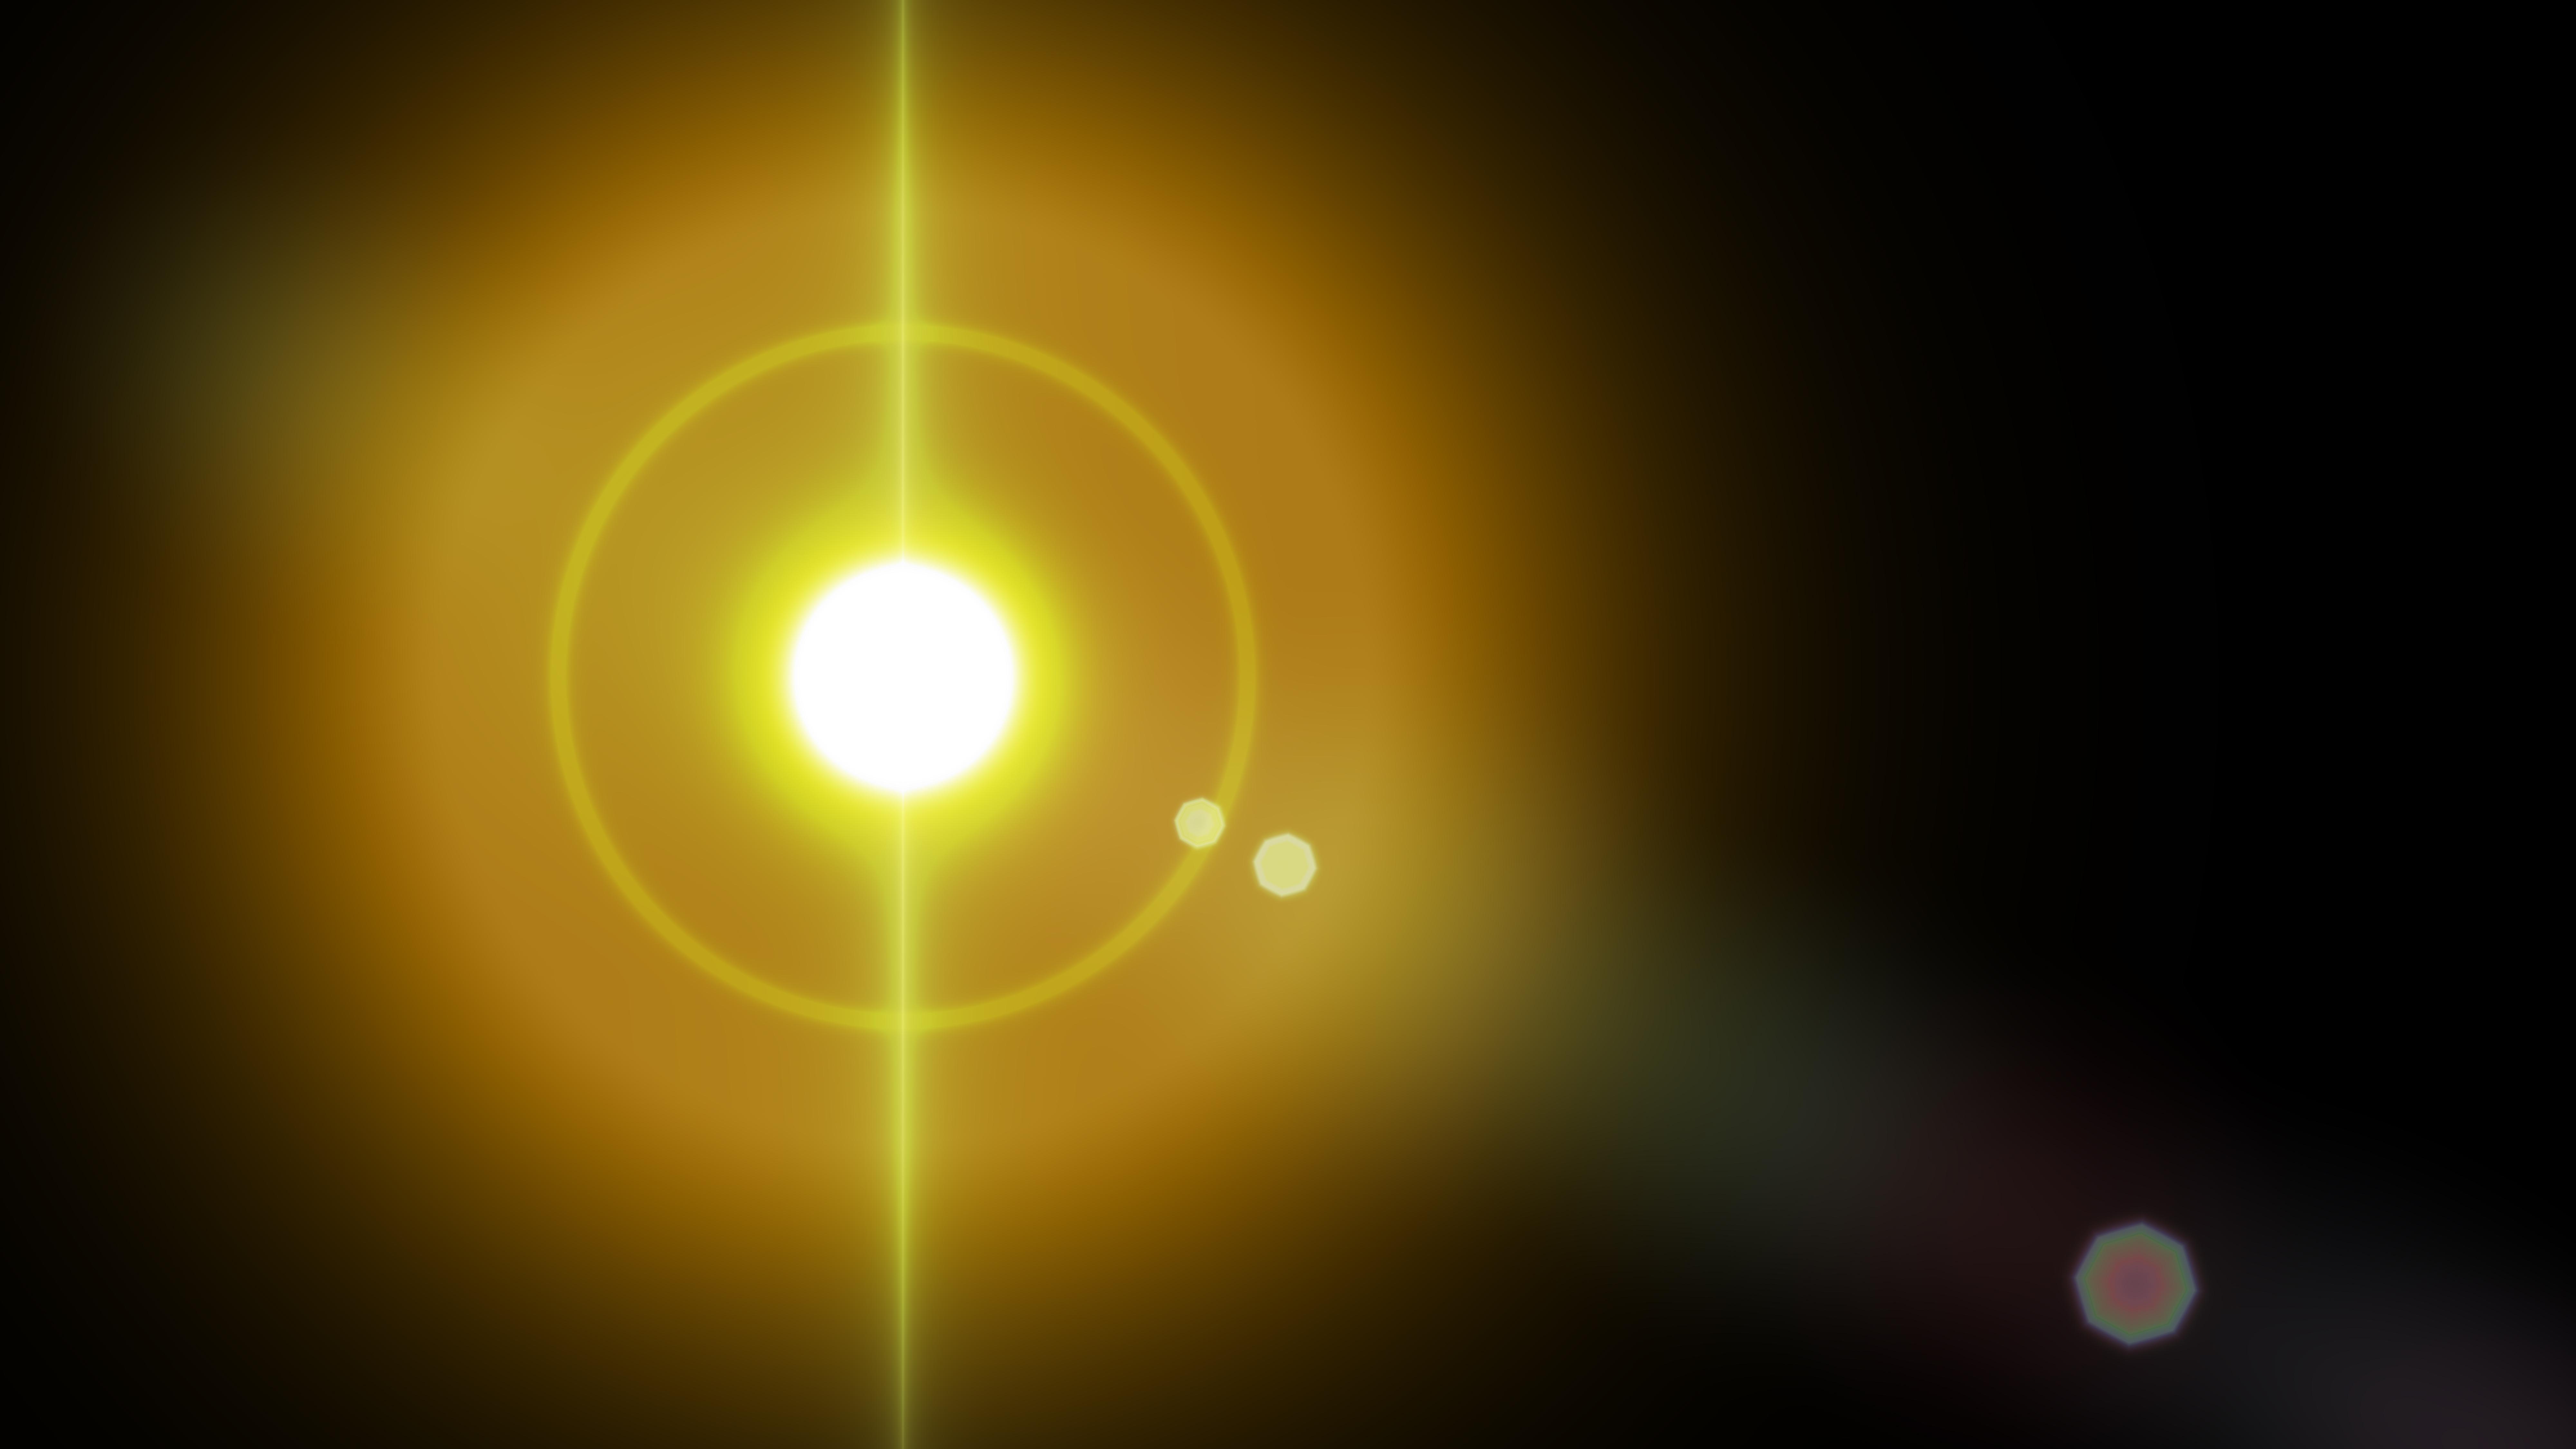 Free Orange And Black Flare Light Flash Background